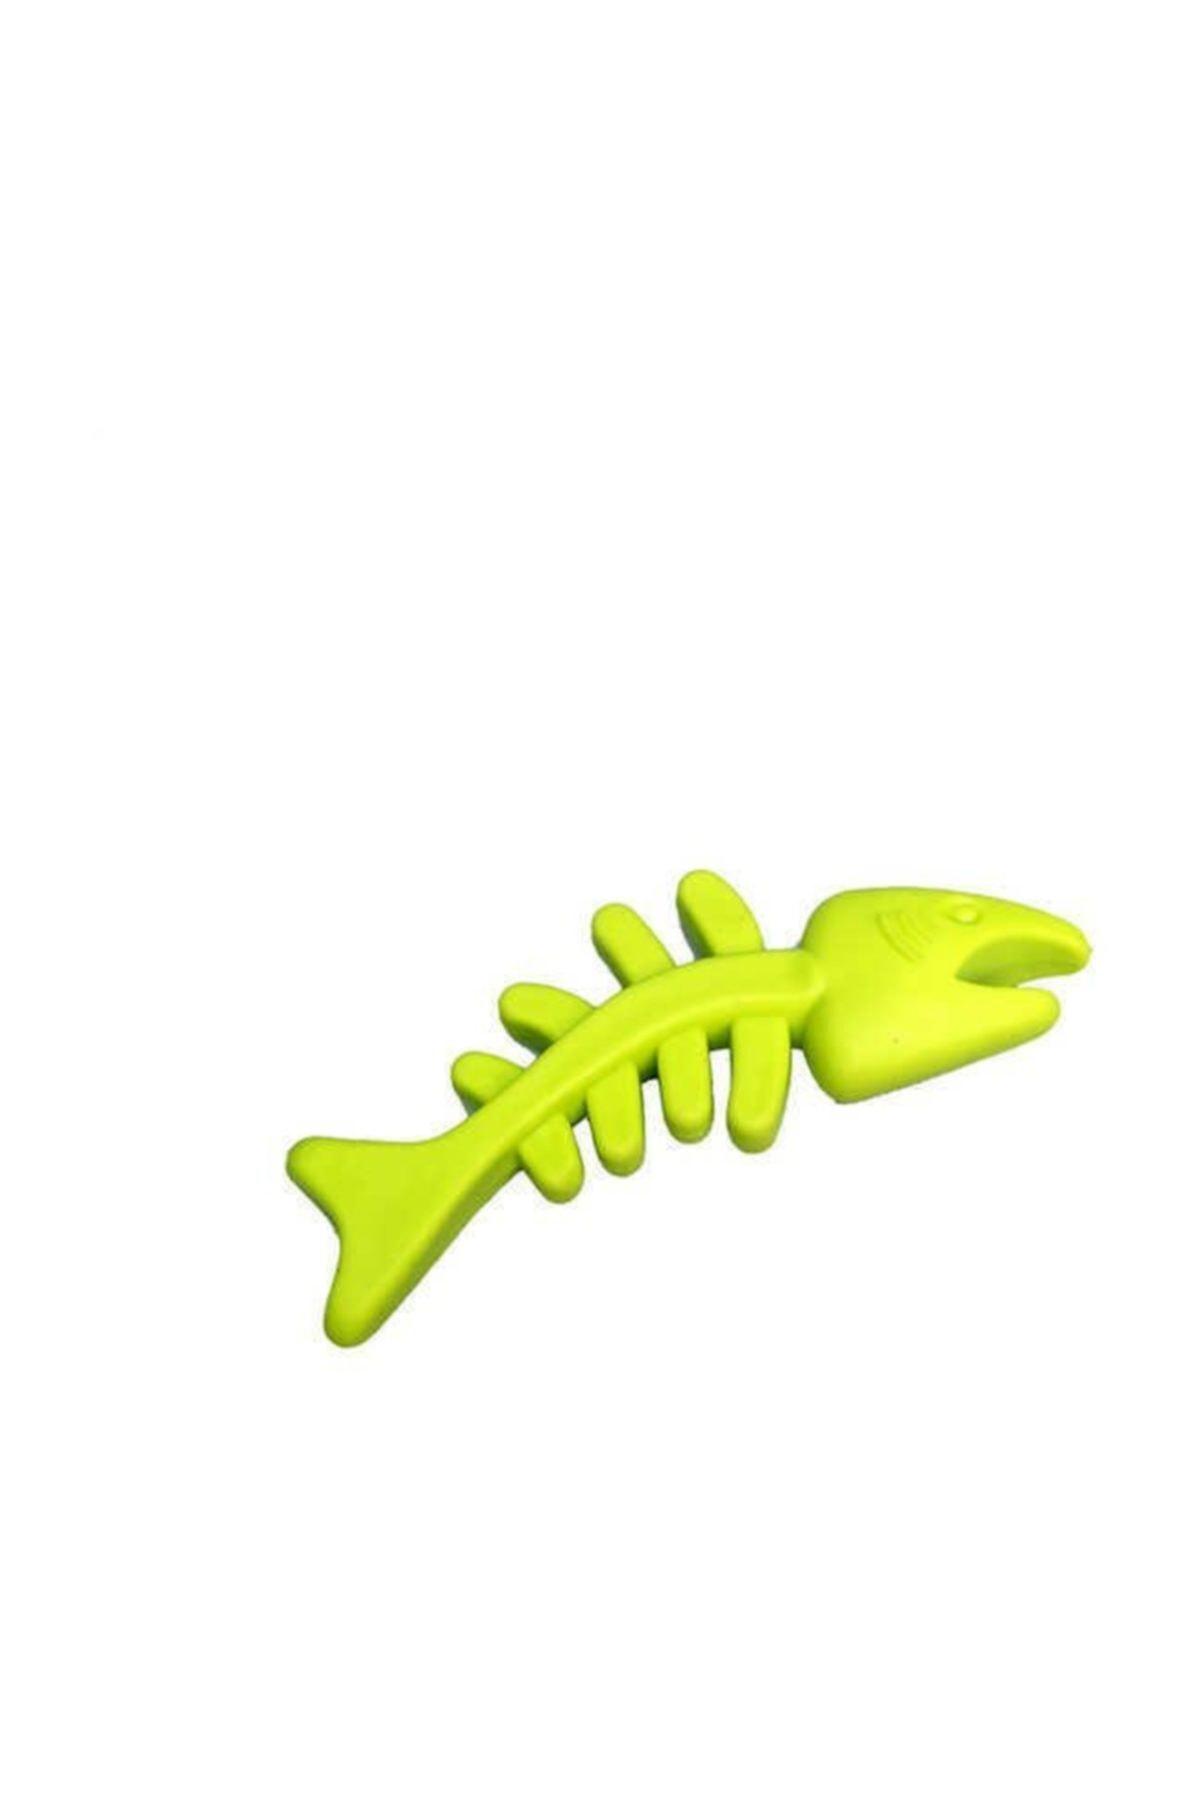 Lion Köpek Oyuncağı Zilli Halter 15 Cm Yeşil 1